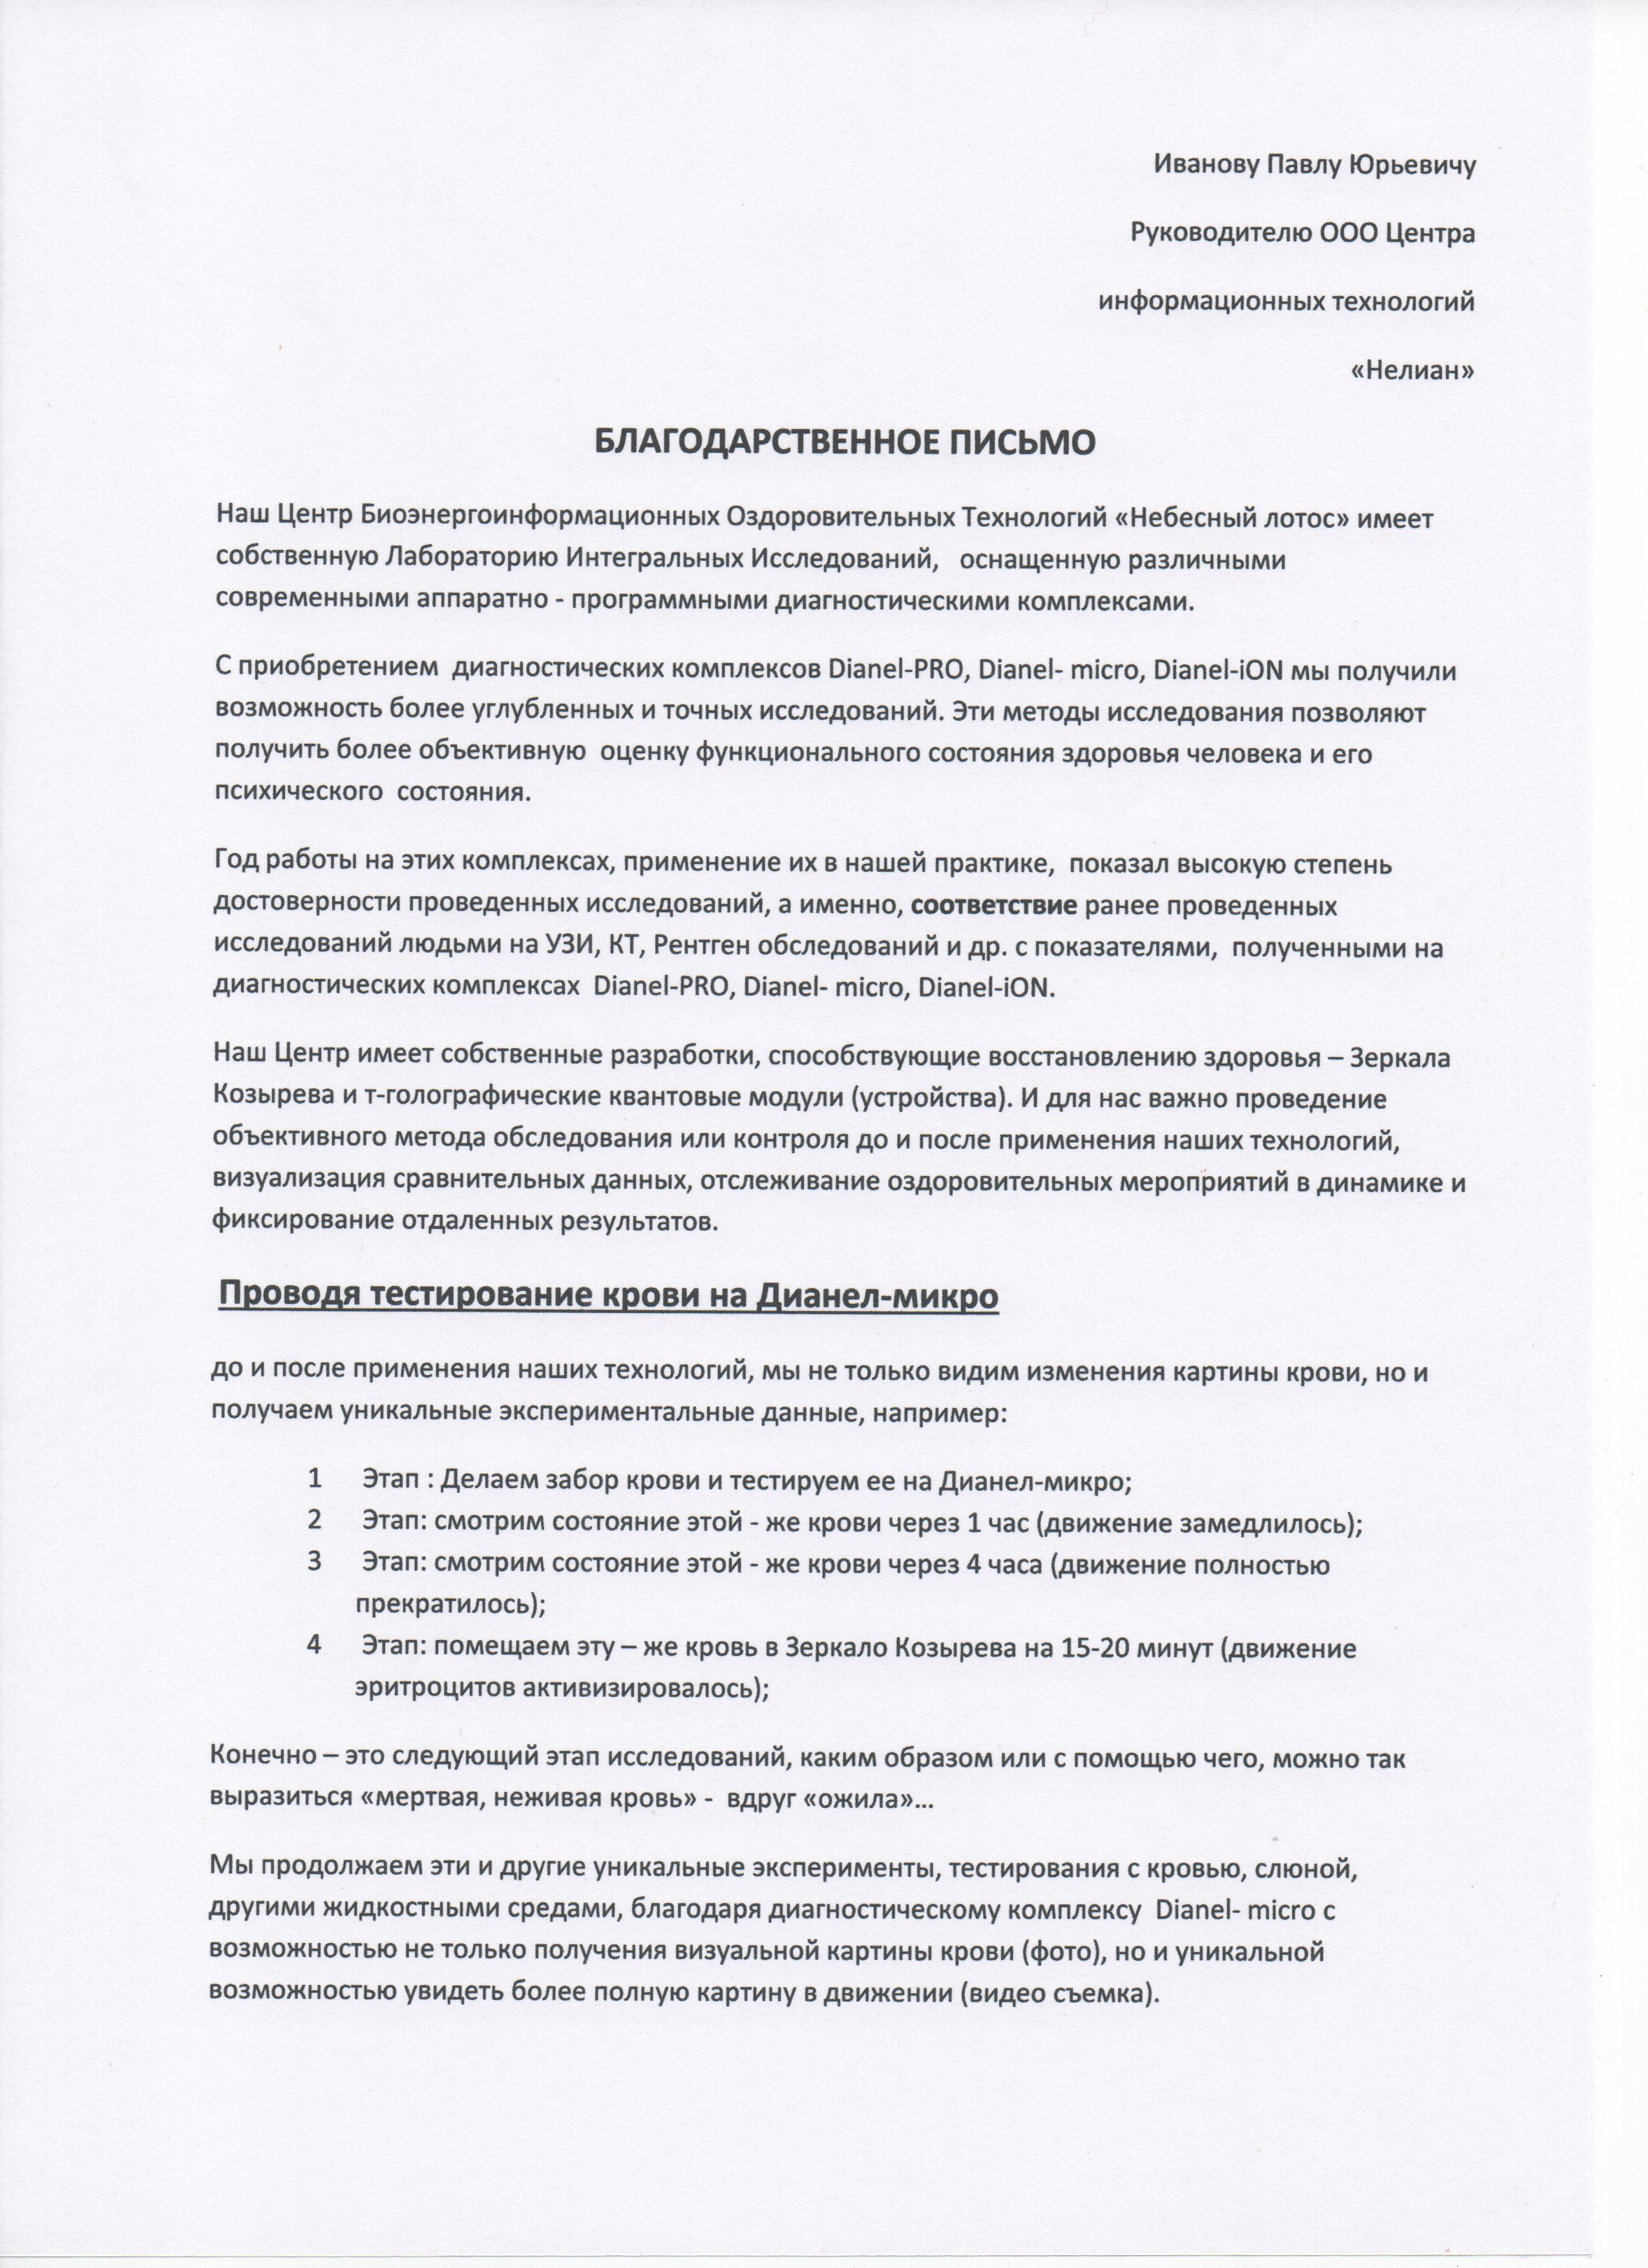 Отзыв Центра Биоэнергоинформационных Оздоровительных Технологий «Небесный лотос» , г. Москва, Россия